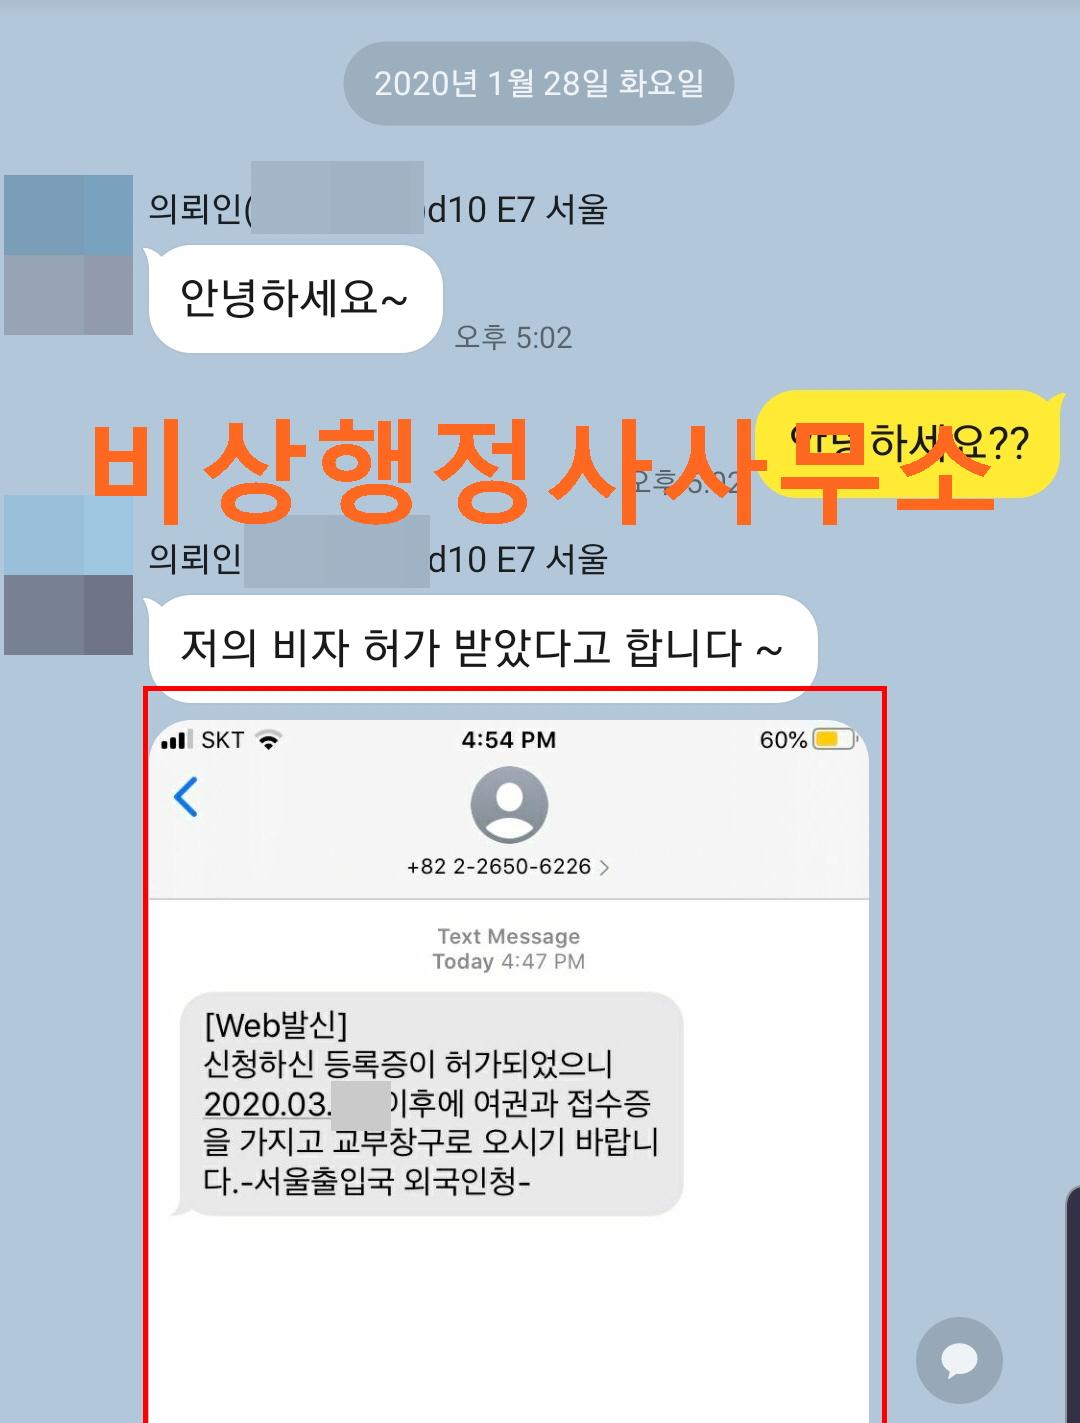 200128결과_(D10-E7)변경_서울 (2).jpg